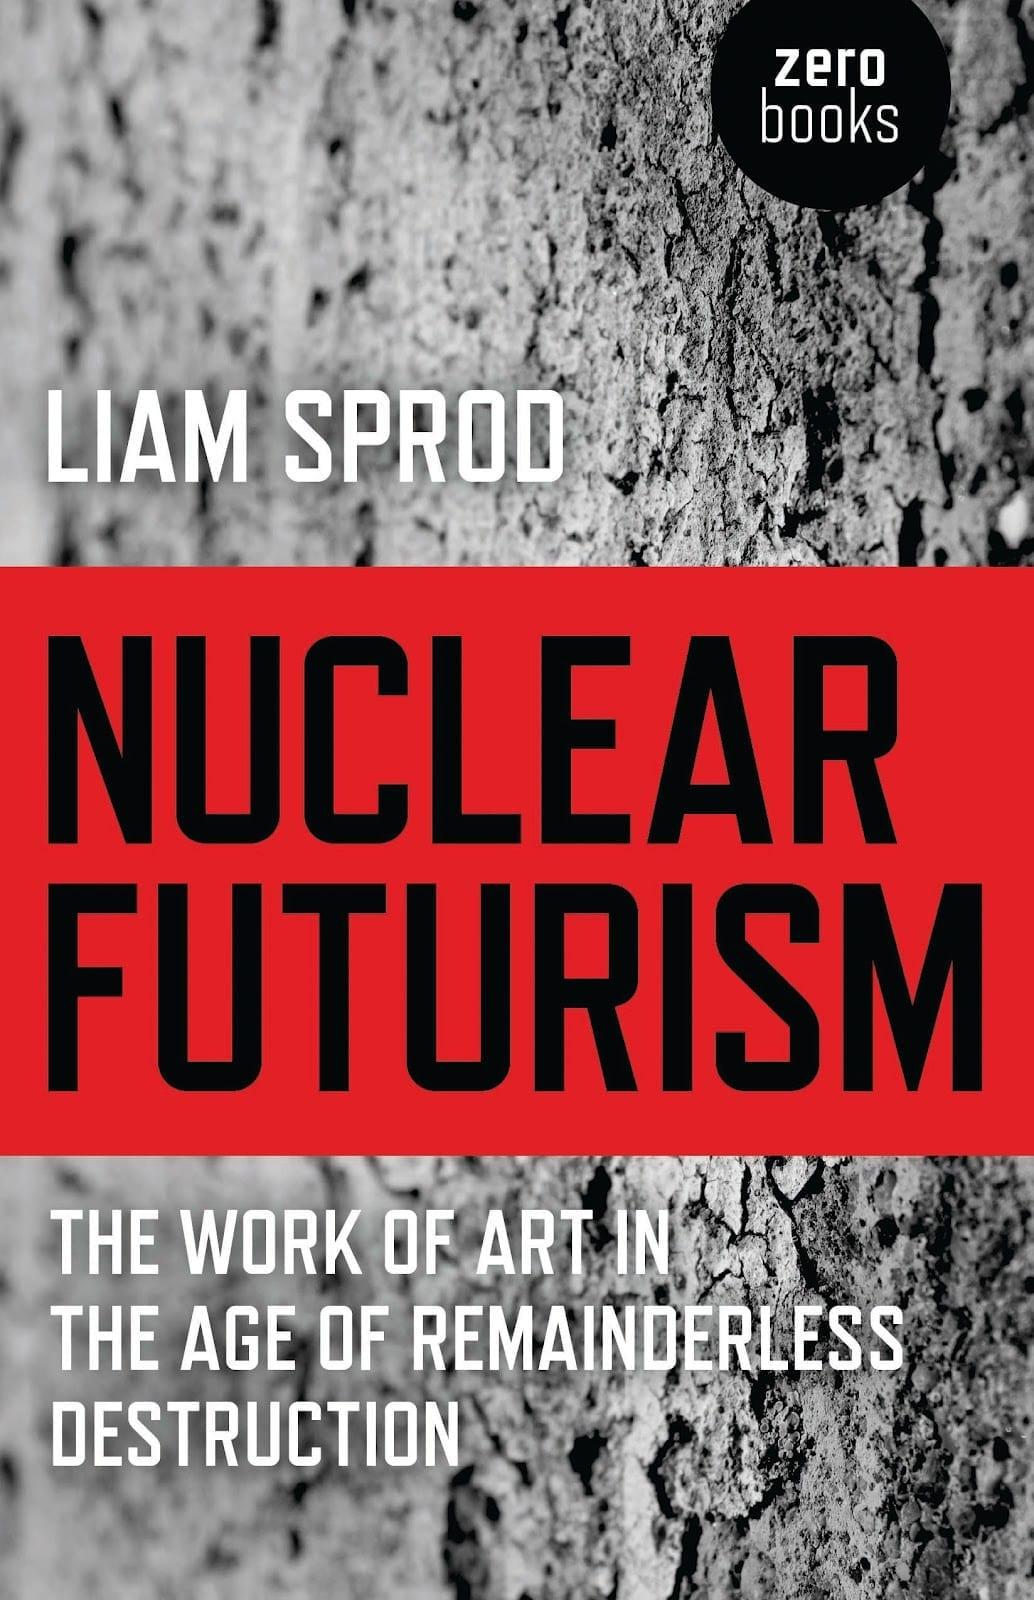 Bókakynning: Nuclear Futurism